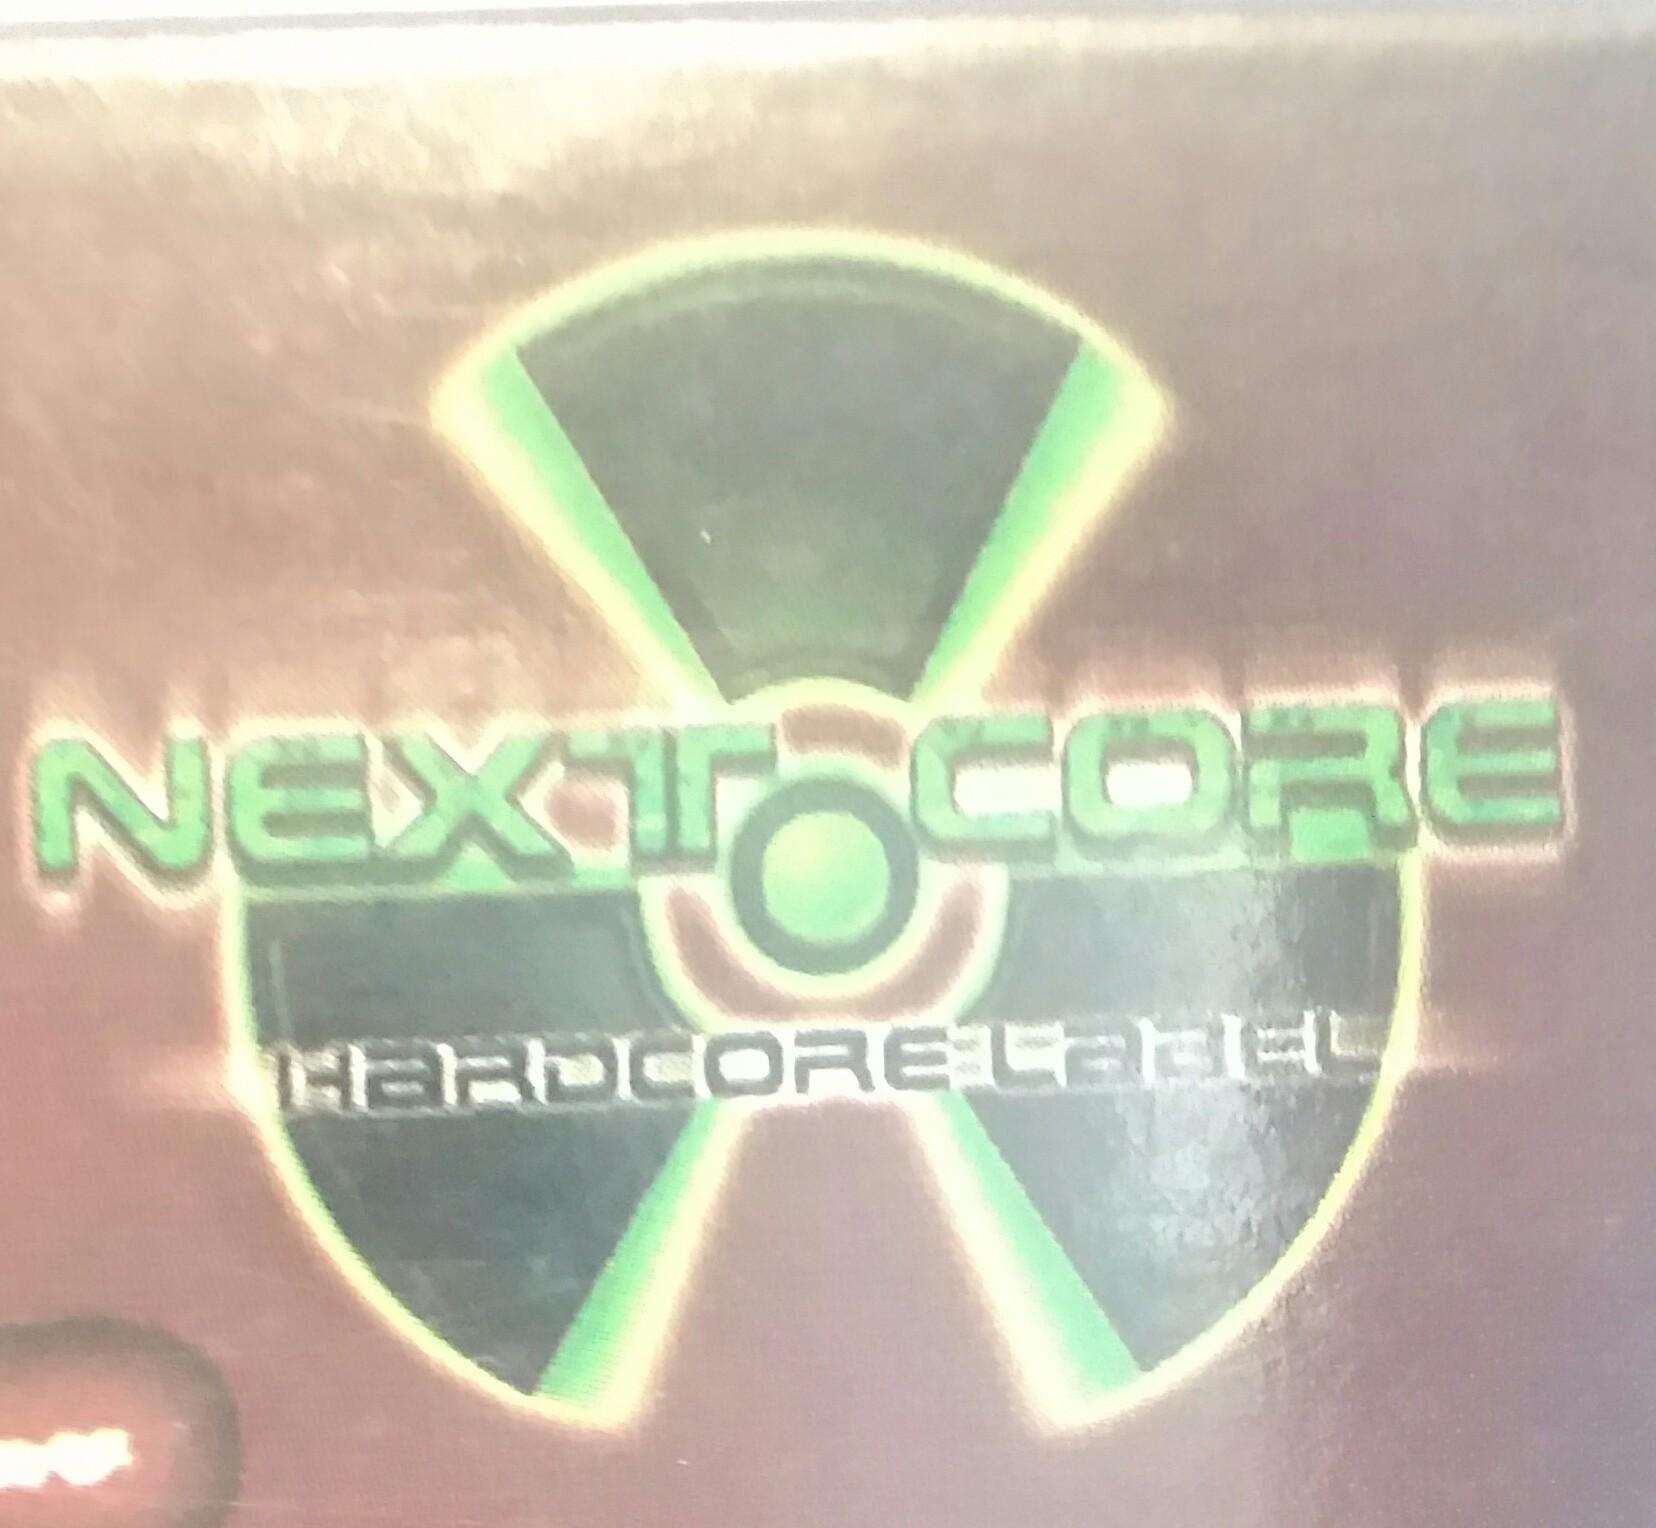 Next Core